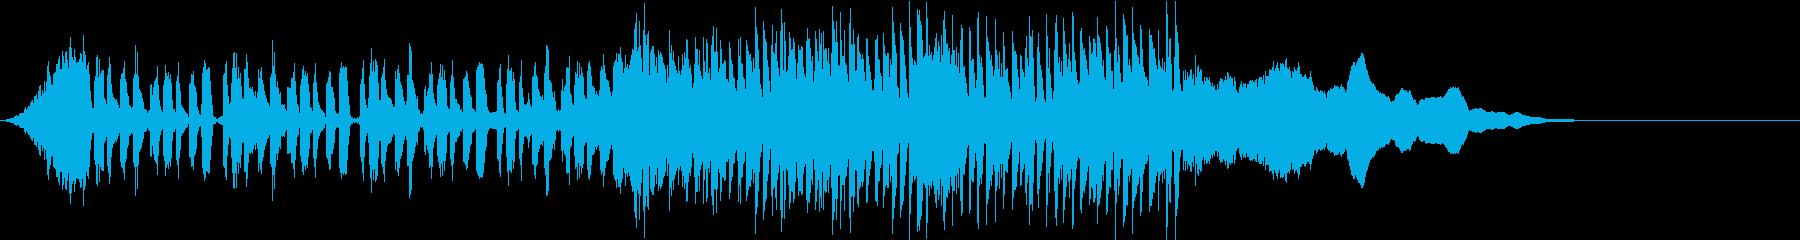 ★神秘的な前奏とサウンドロゴの再生済みの波形